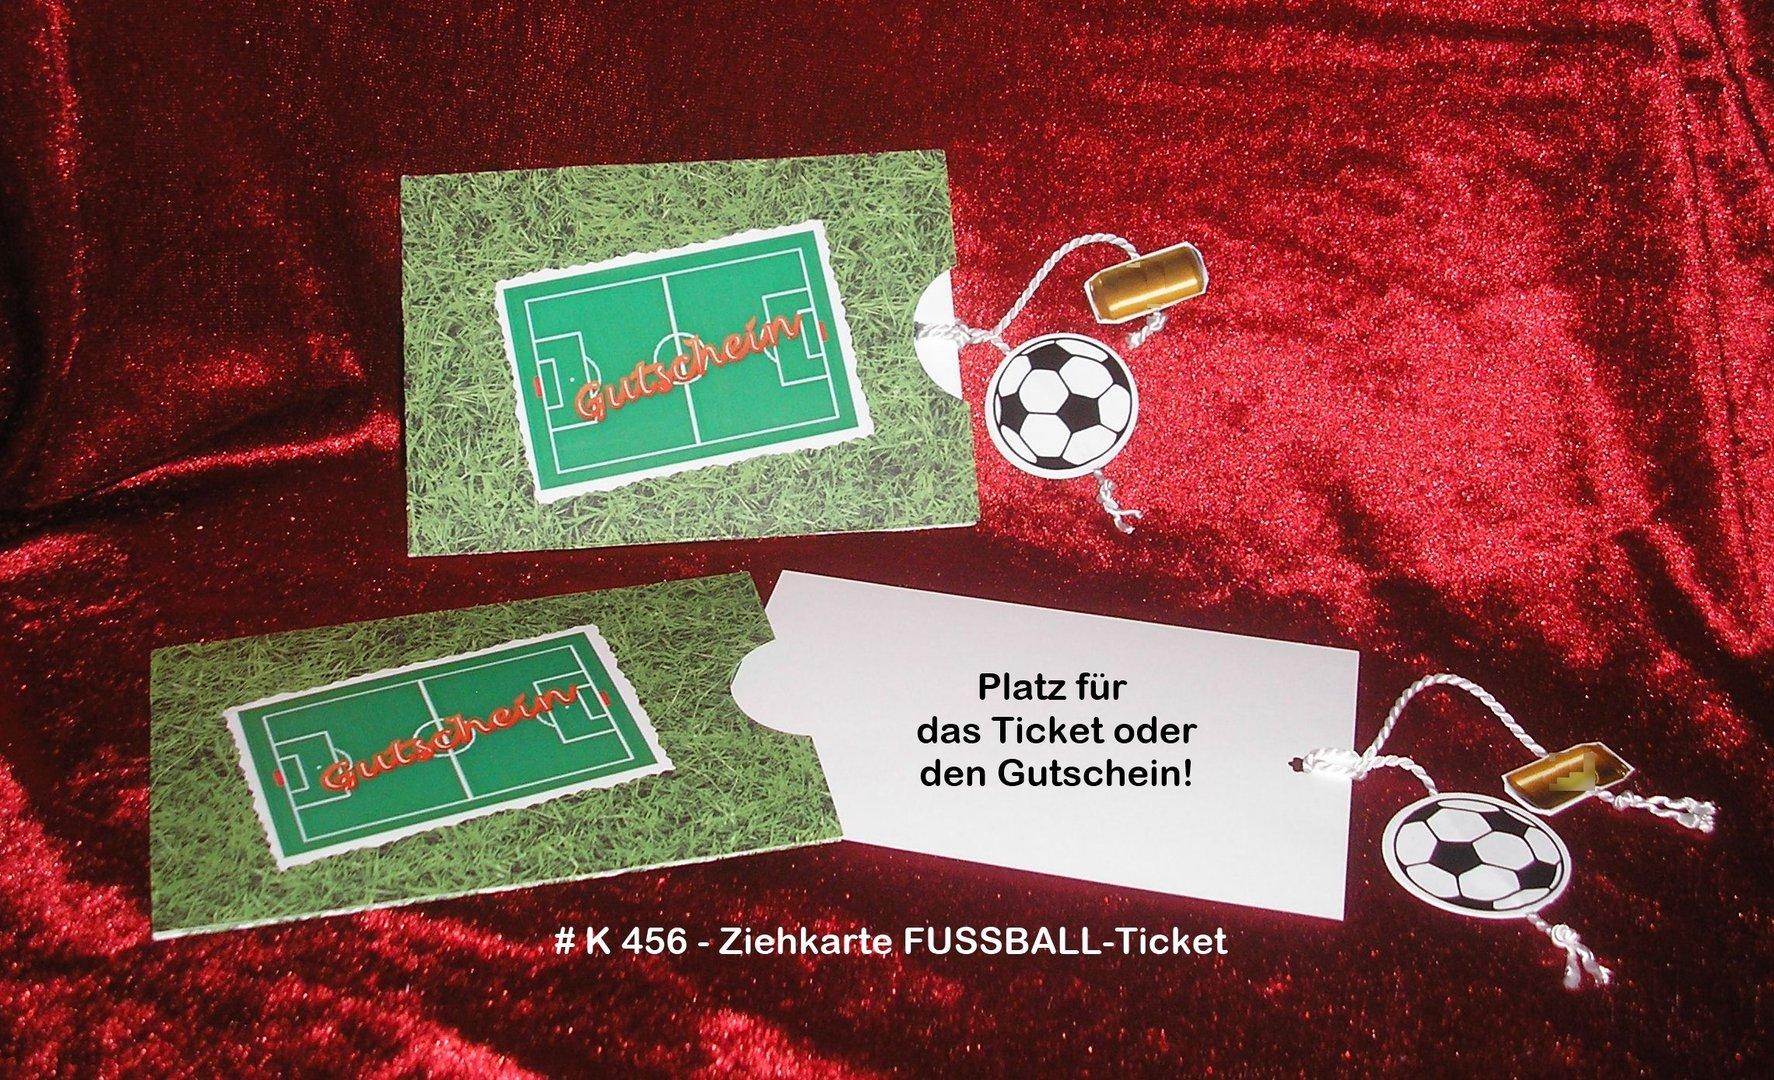 gutschein fussball ticket